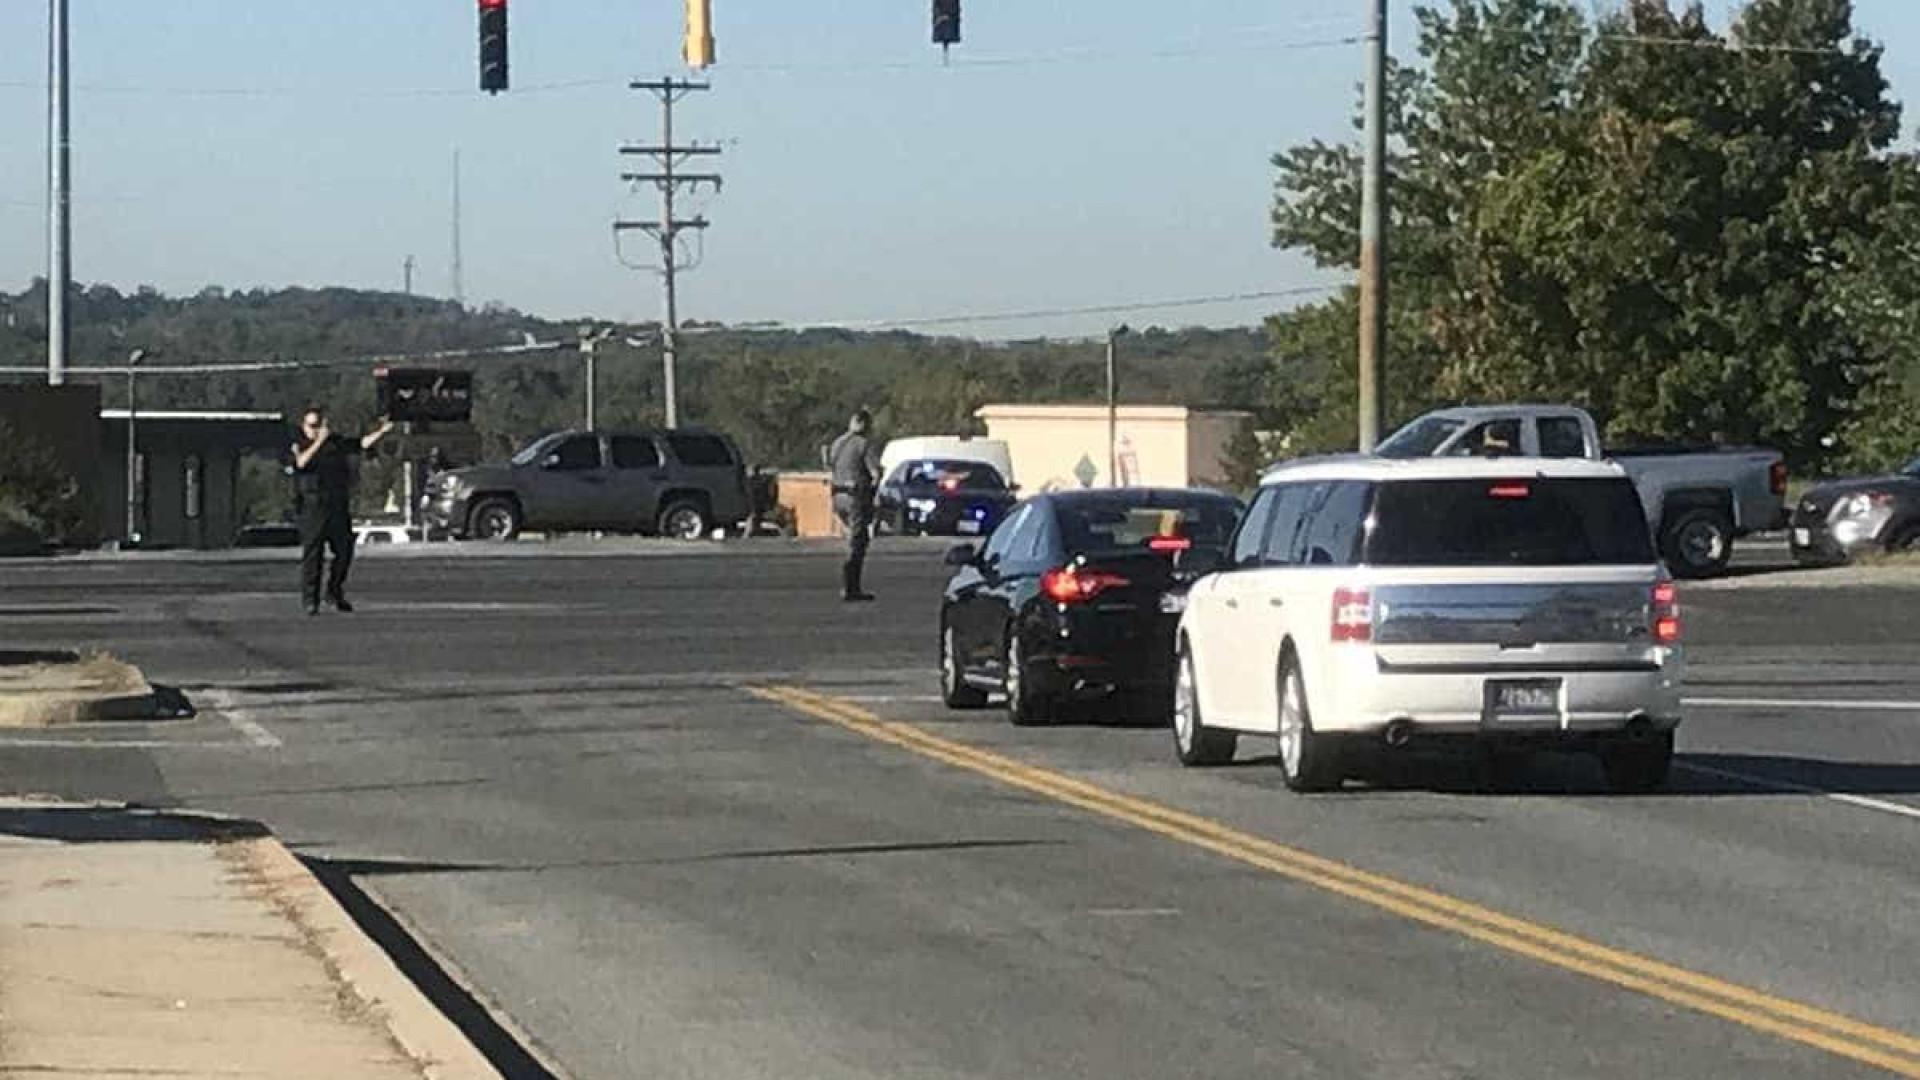 Tiroteio em massa em estacionamento nos EUA deixa feridos